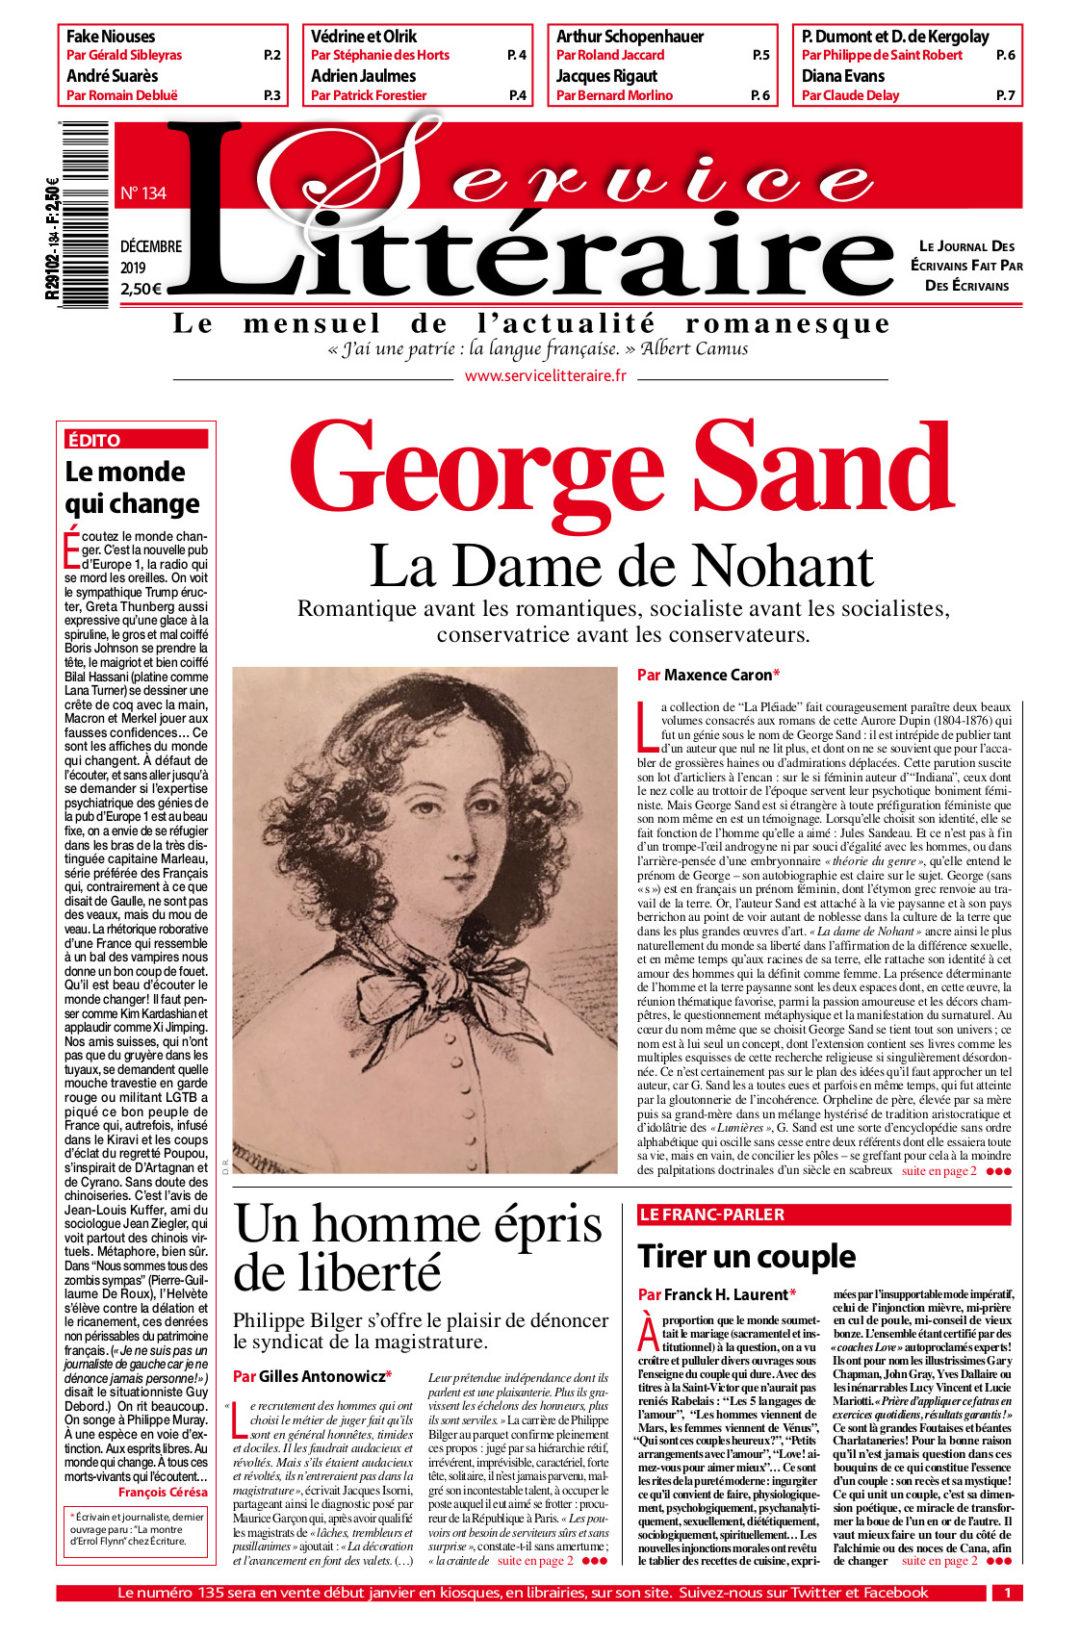 SL 134 George Sand